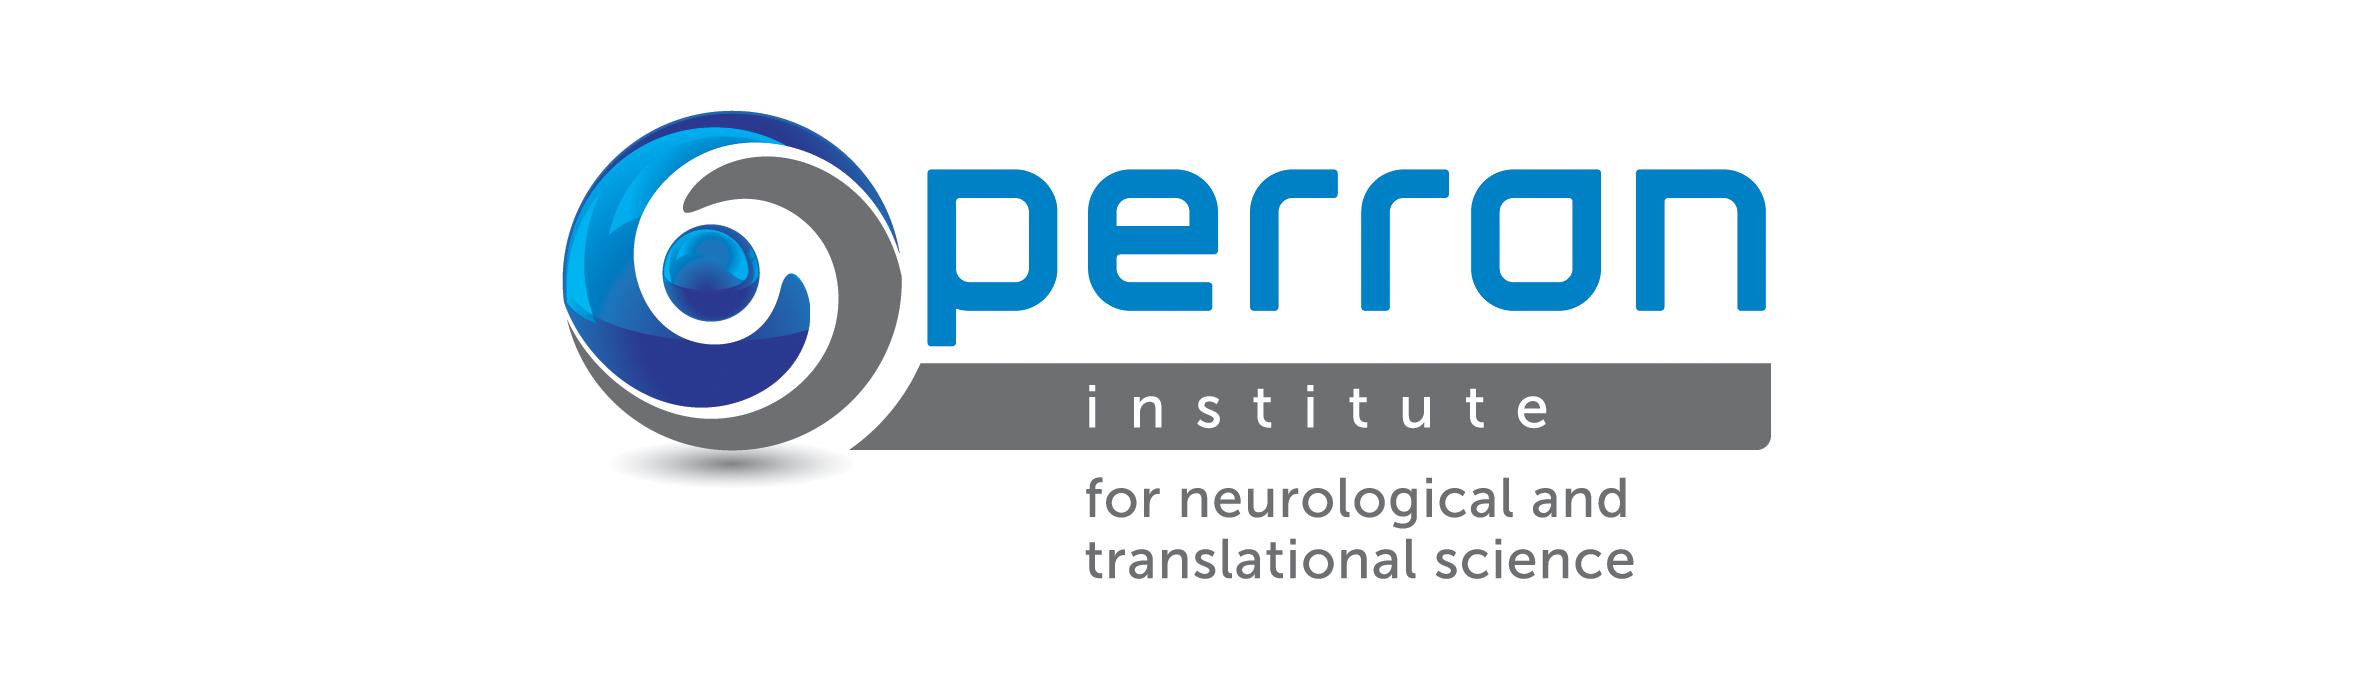 Perron Institute Logo generic.png